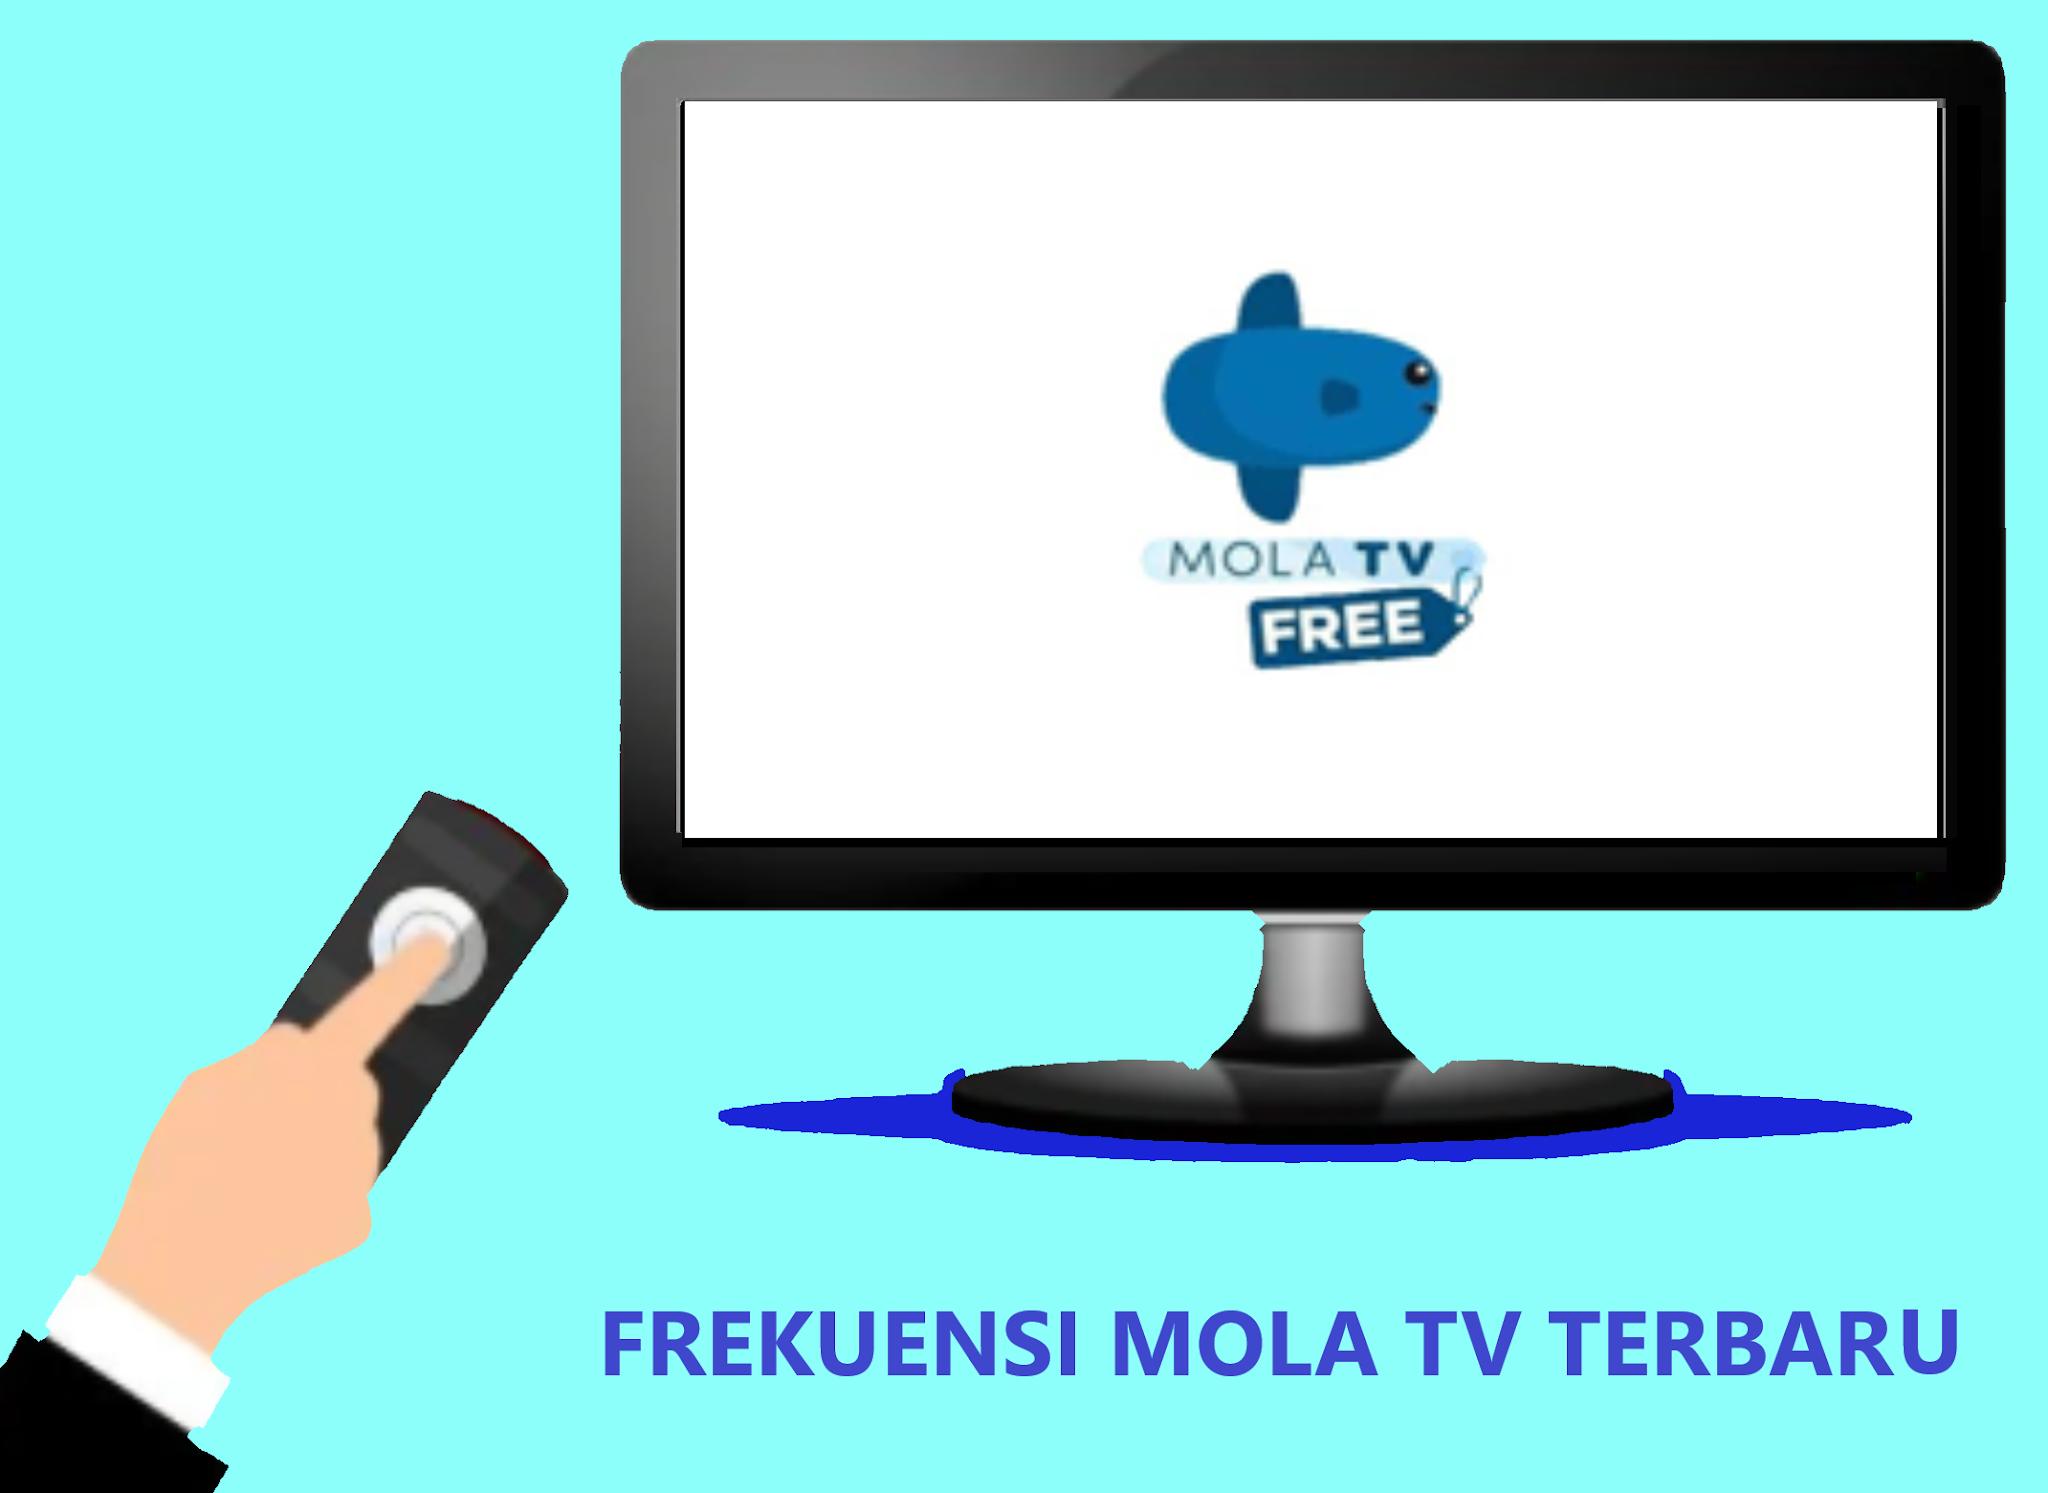 Frekuensi Mola TV Terbaru Di Telkom 4 2020